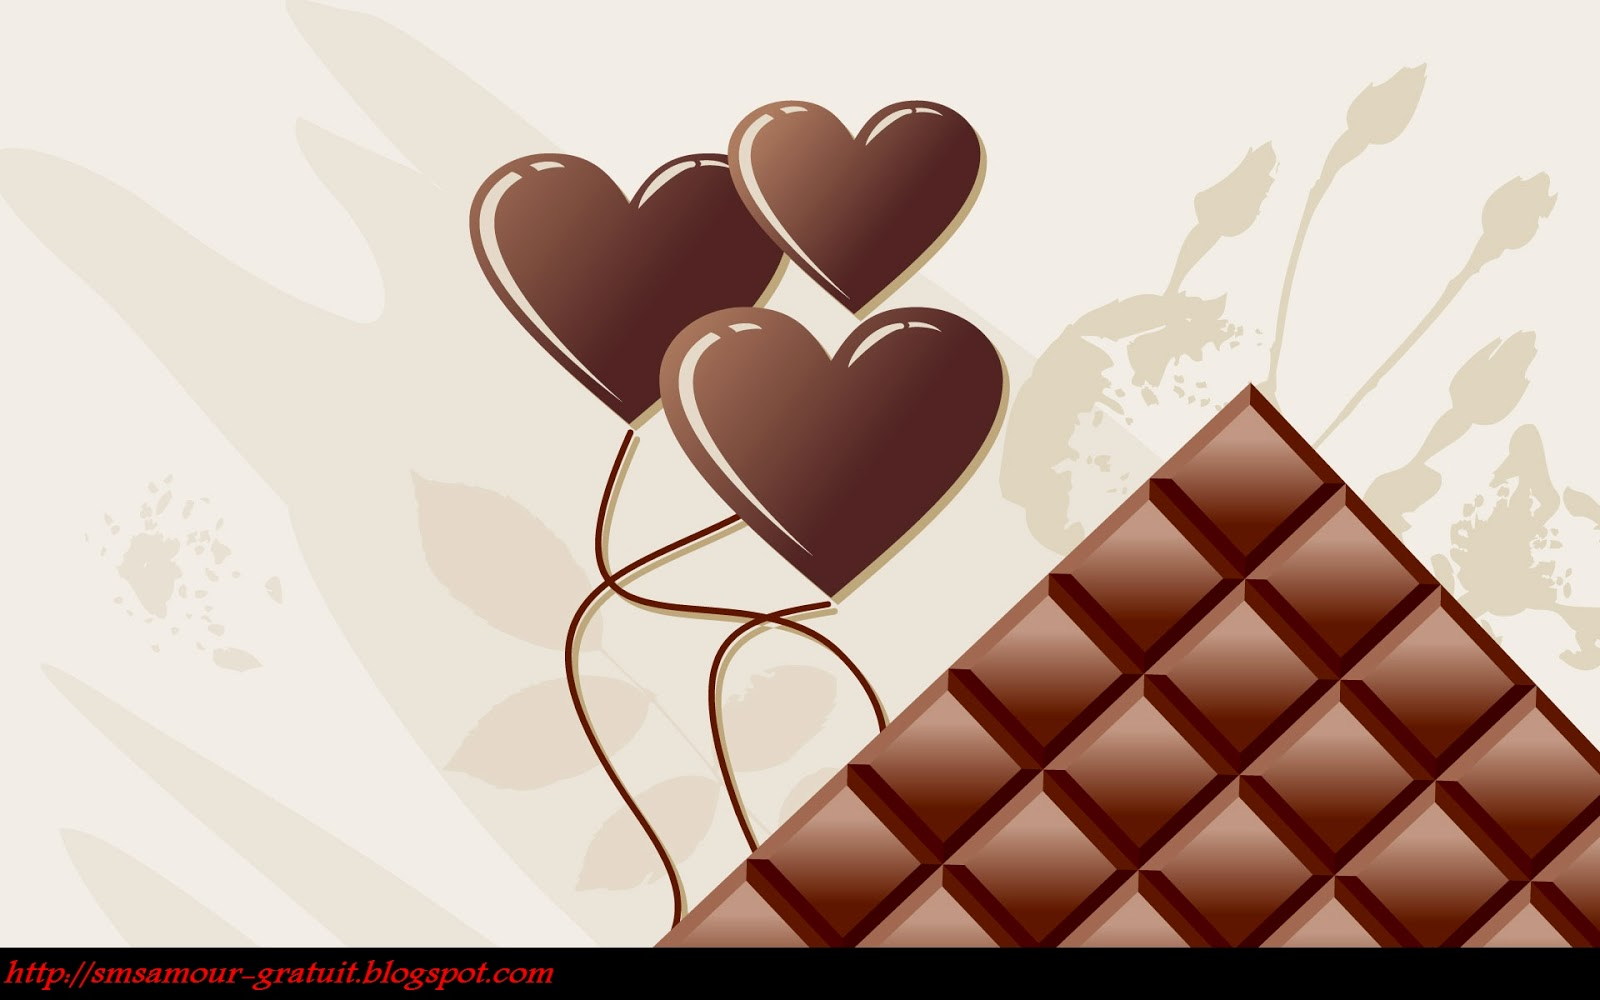 sms love